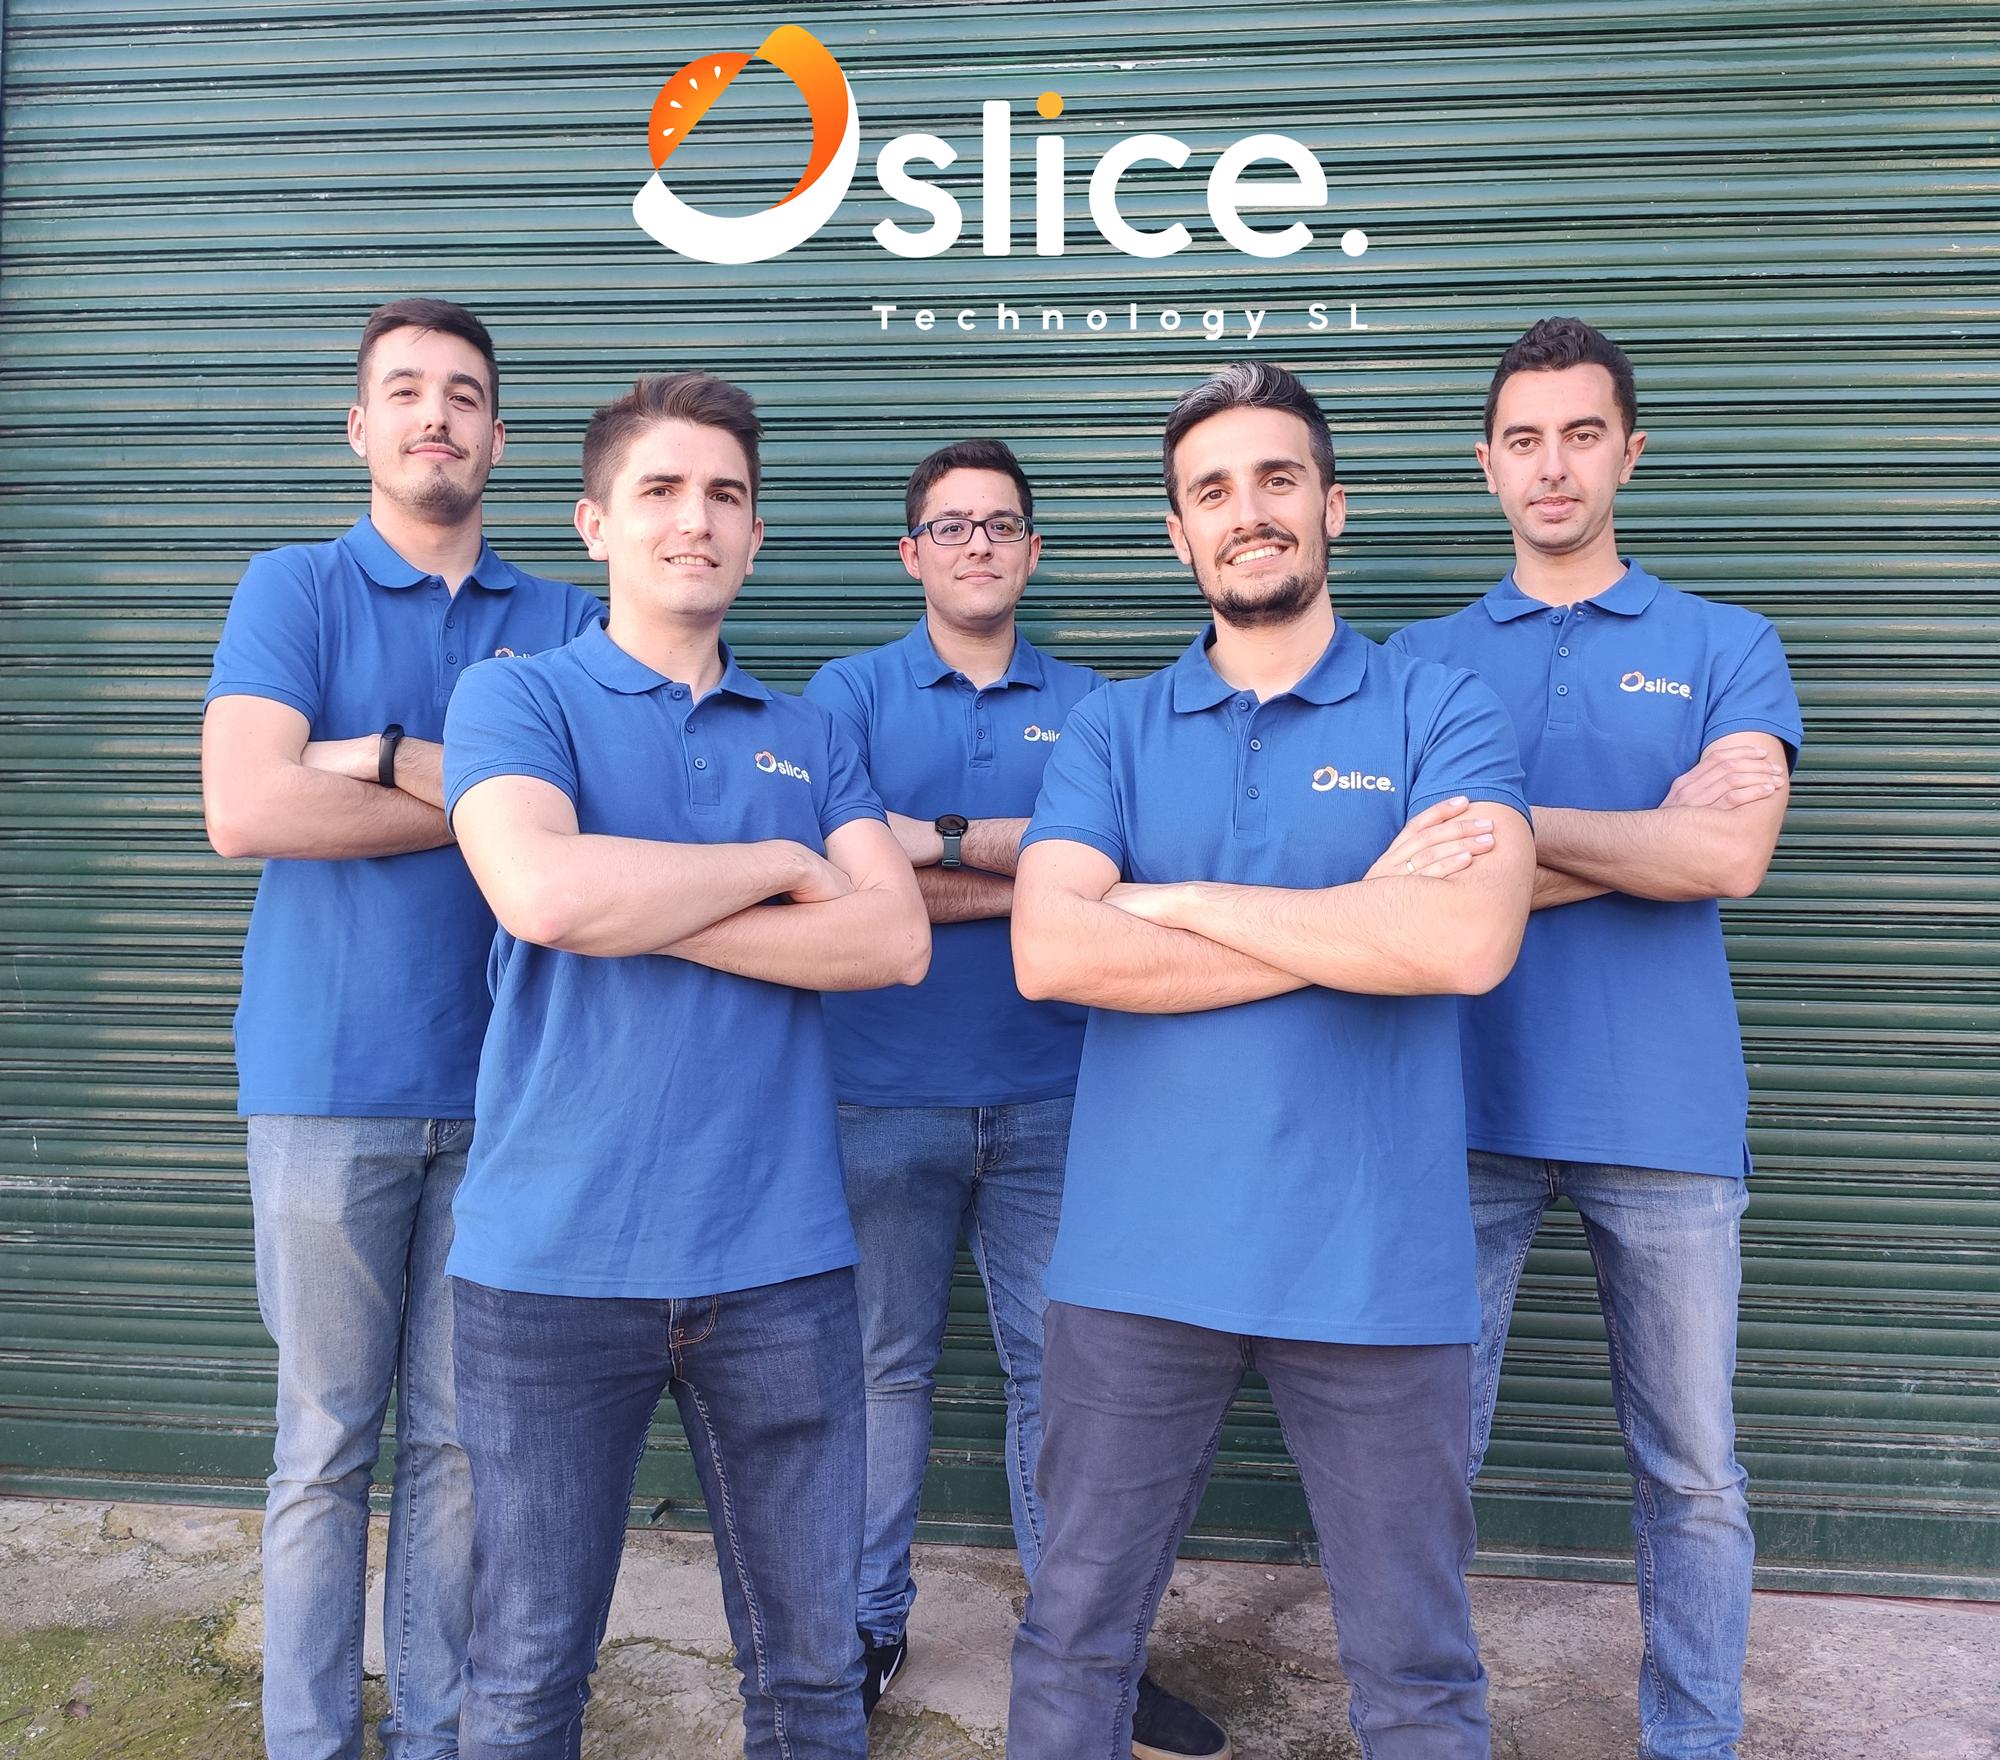 Oslice Technology es una startup que mejora la automatización de procesos industriales, en especial aquellas fases de control de calidad en las que la visión artificial resulta clave para aumentar el rendimiento y fiabilidad de la cadena de producción.